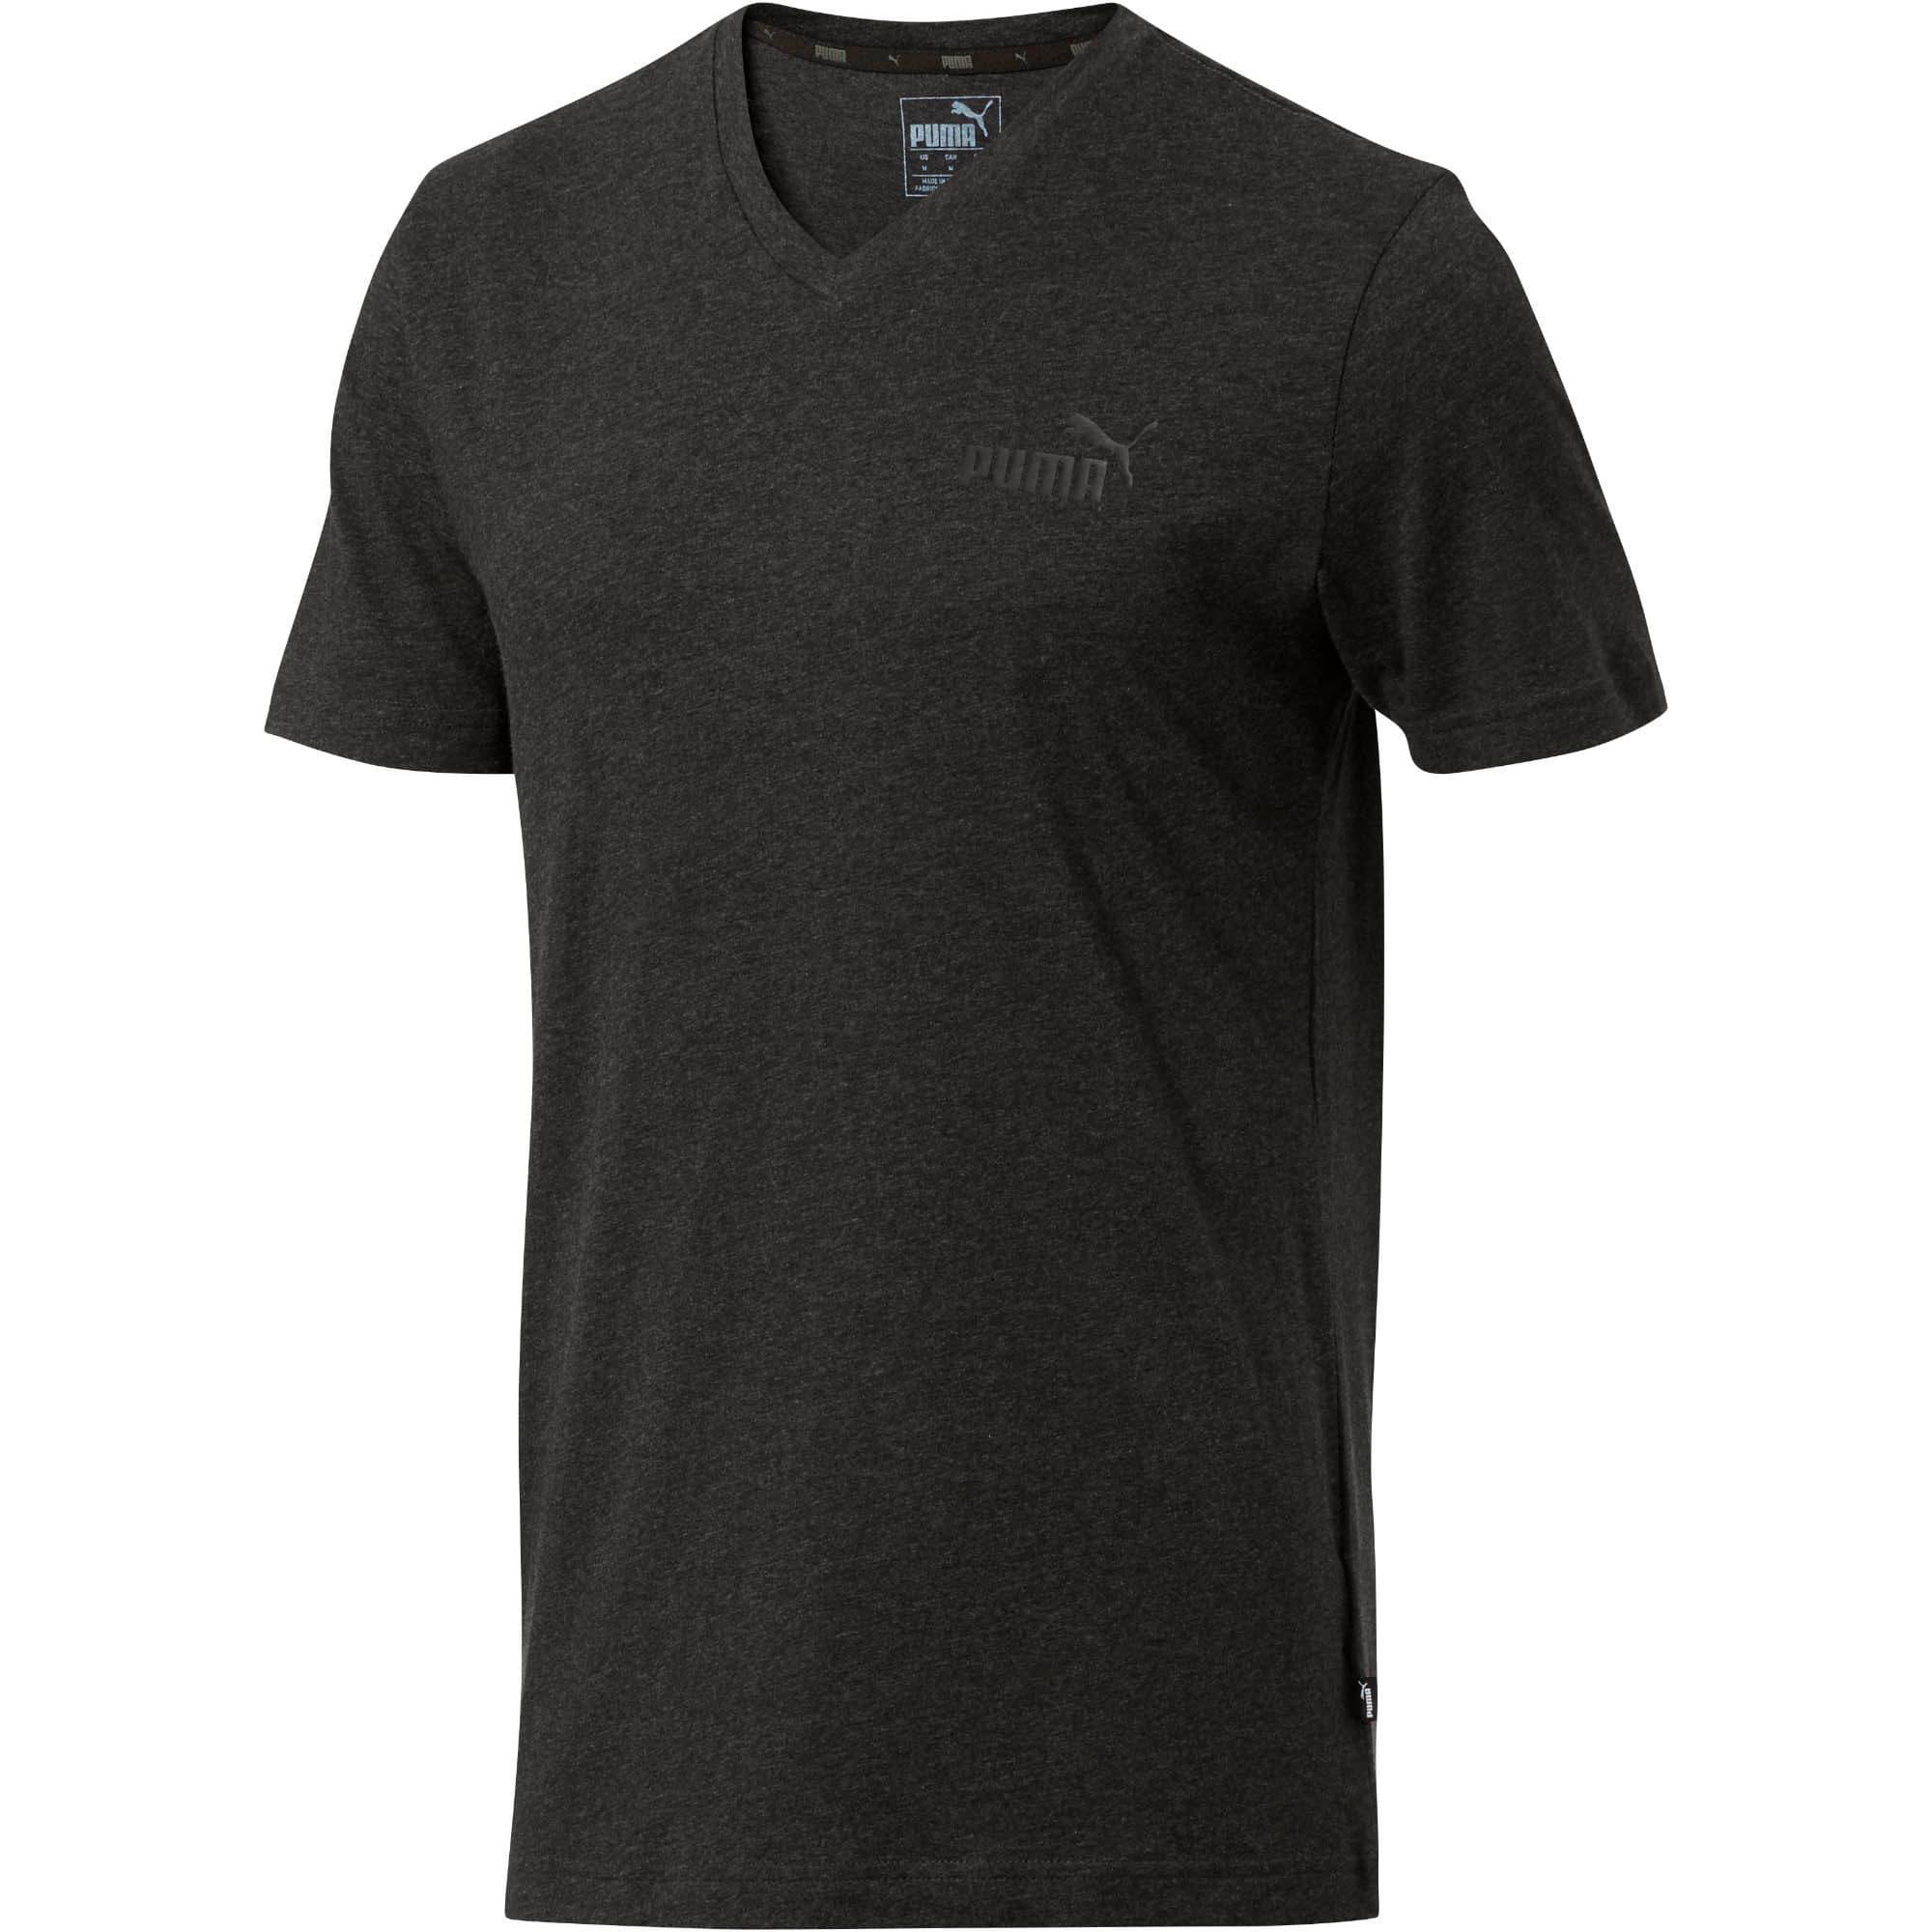 Miniatura 1 de Camiseta Essentials+con cuello en V para hombre, Dark Gray Heather, mediano